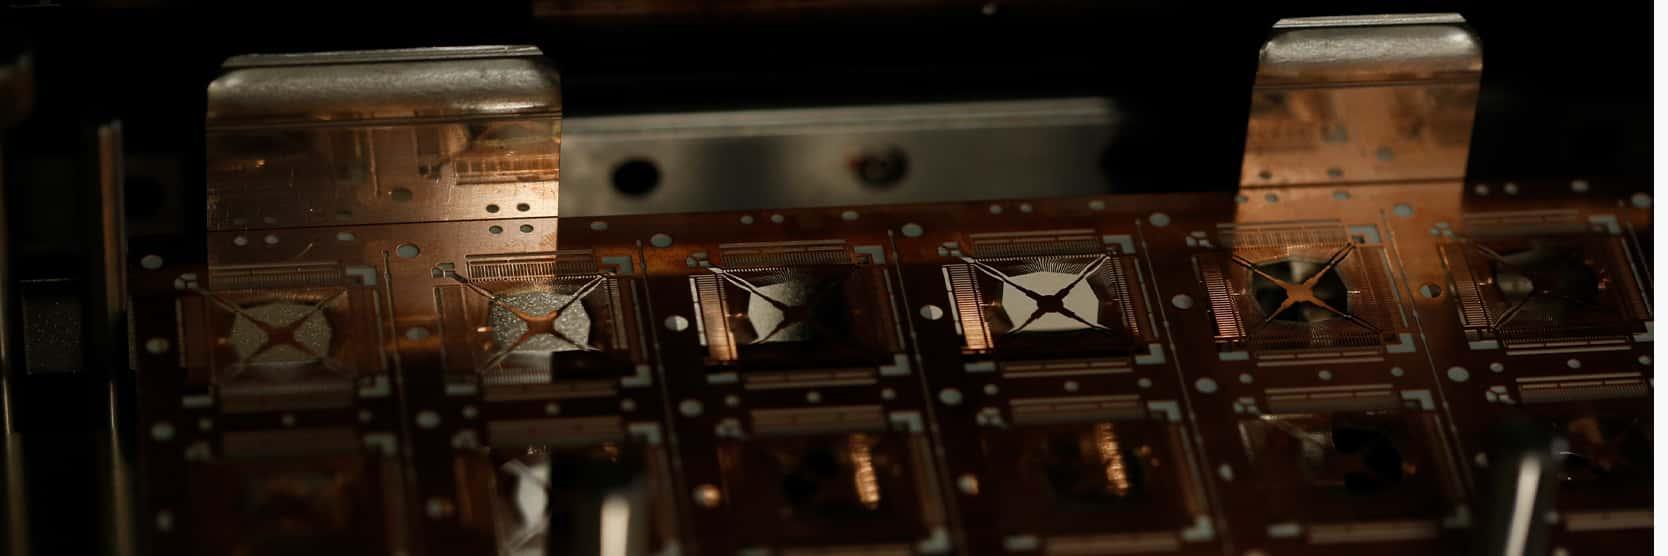 高精度芯片叠层技术